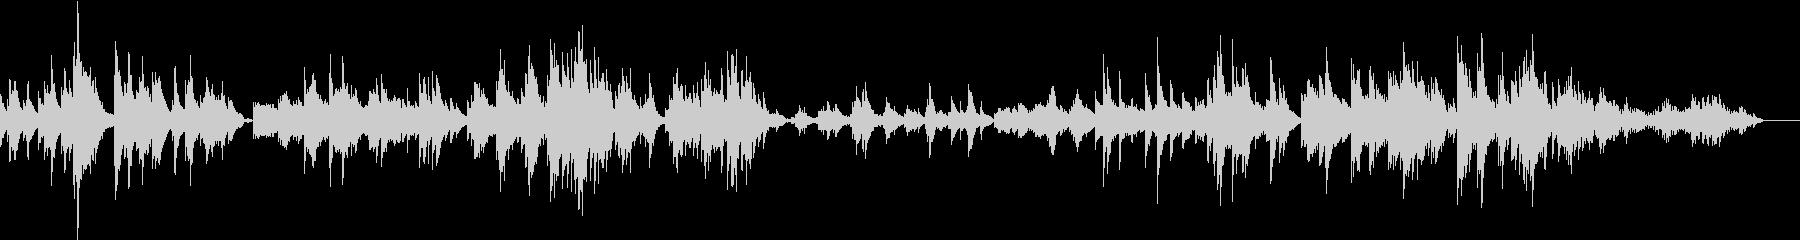 メランコリックで静かなピアノ曲の未再生の波形